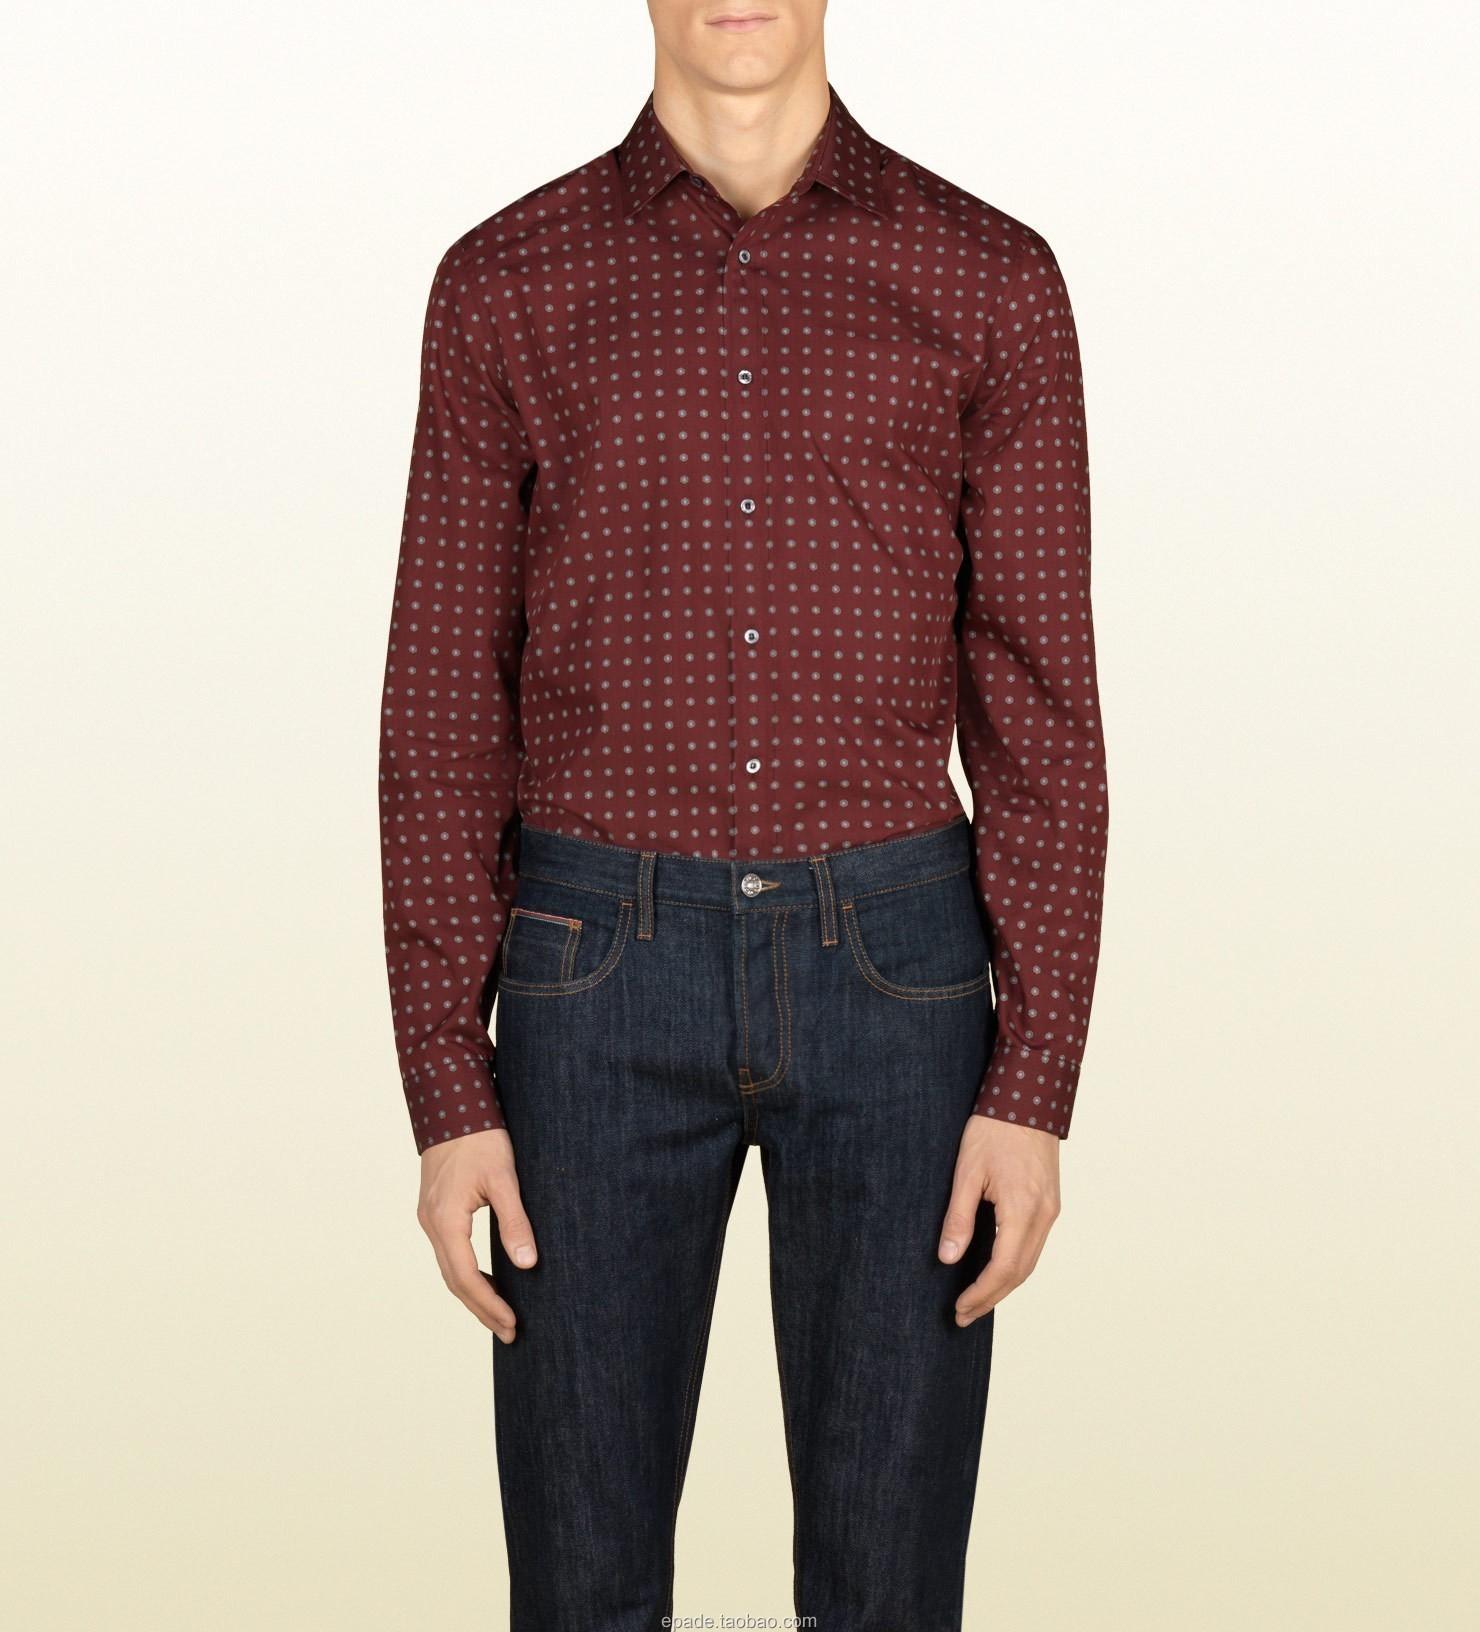 Рубашка мужская Gucci 189474z79976011 Хлопок без добавок Воротник с пуговицами Длинные рукава ( рукава > 57см )